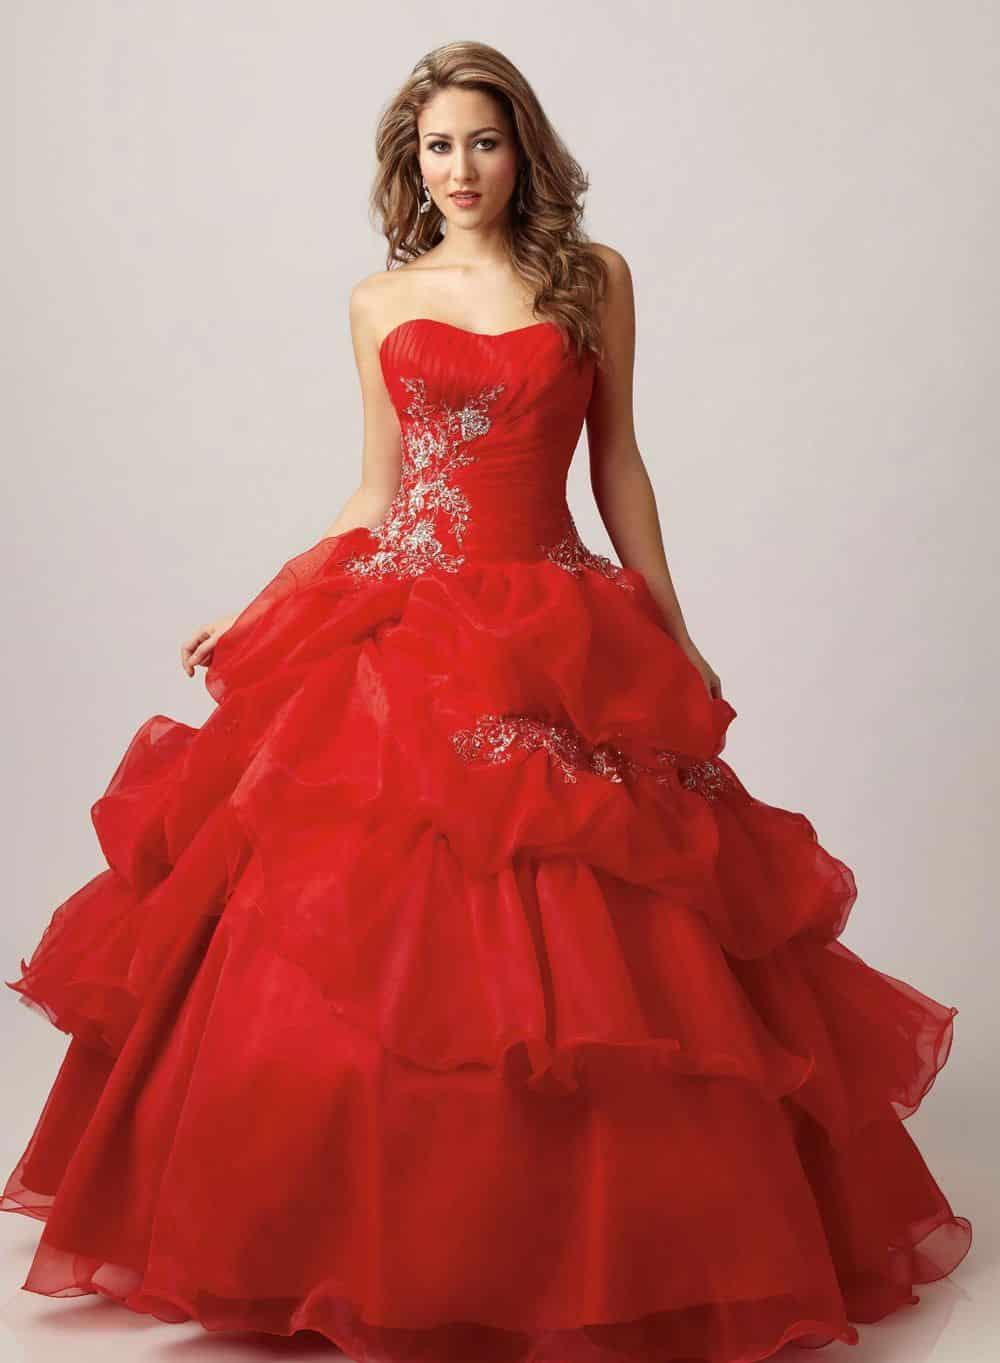 صور أجمل تصميمات لفساتين الخطوبة بألوان ربيعية تجنن